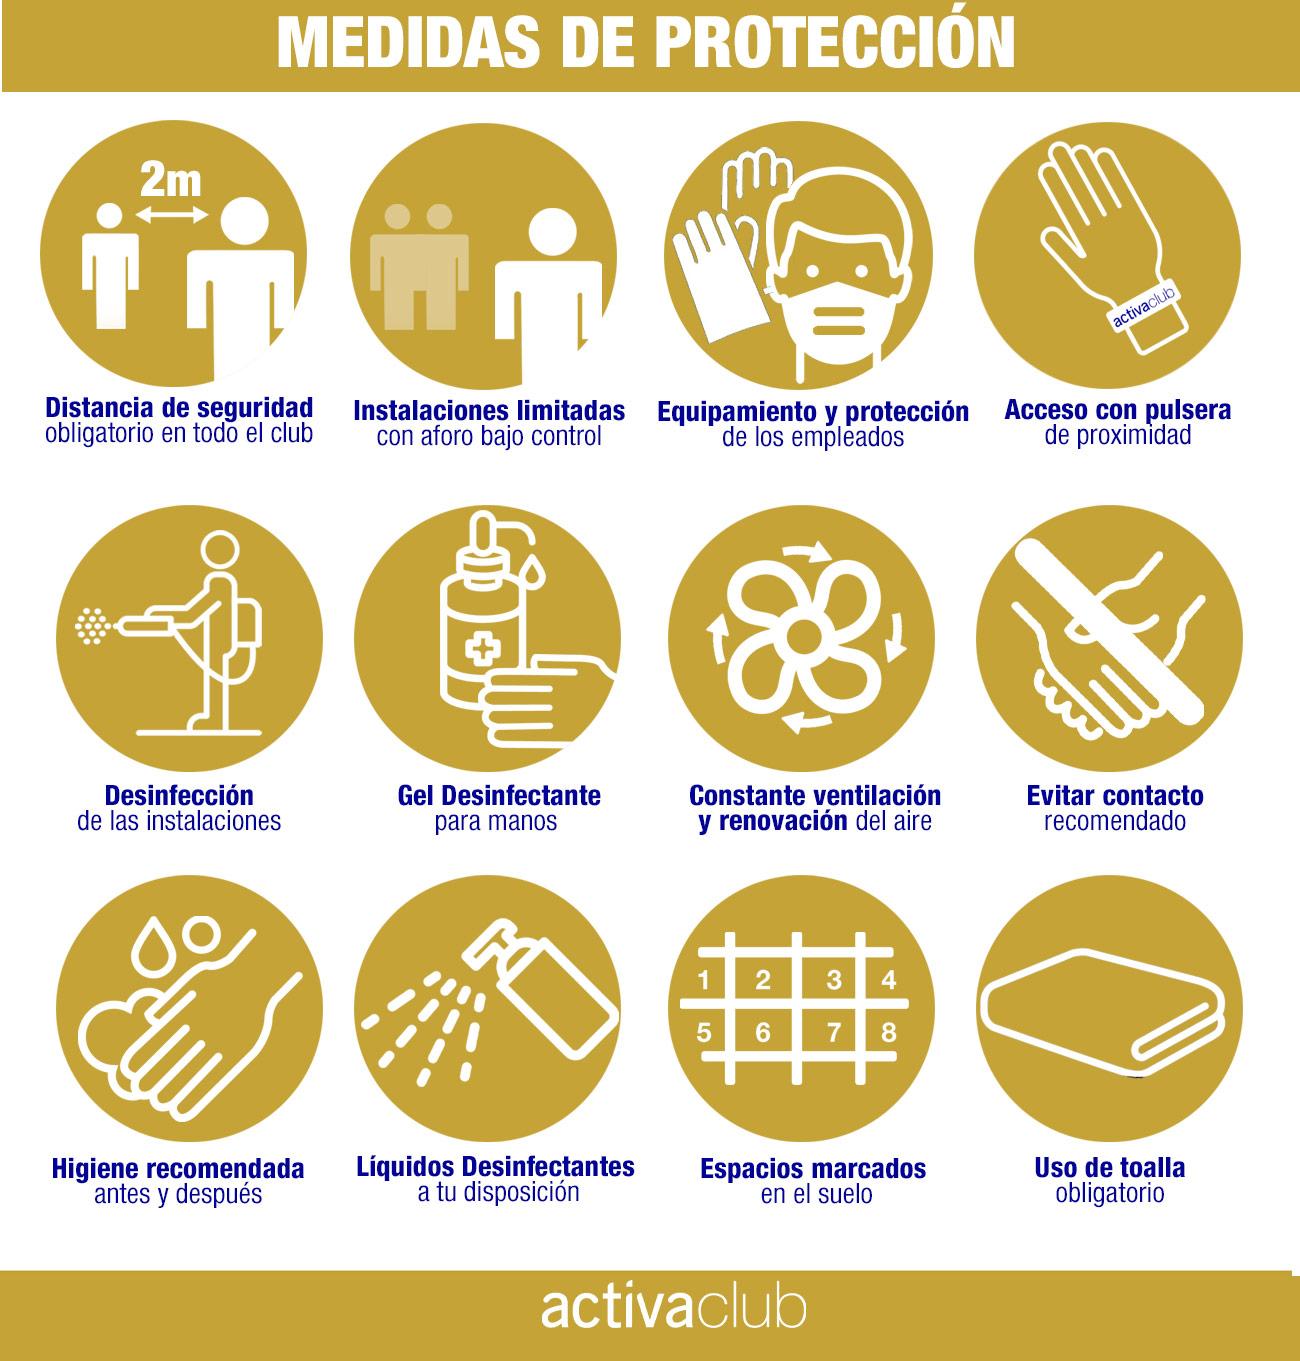 Medidas-protecion-x9.jpg